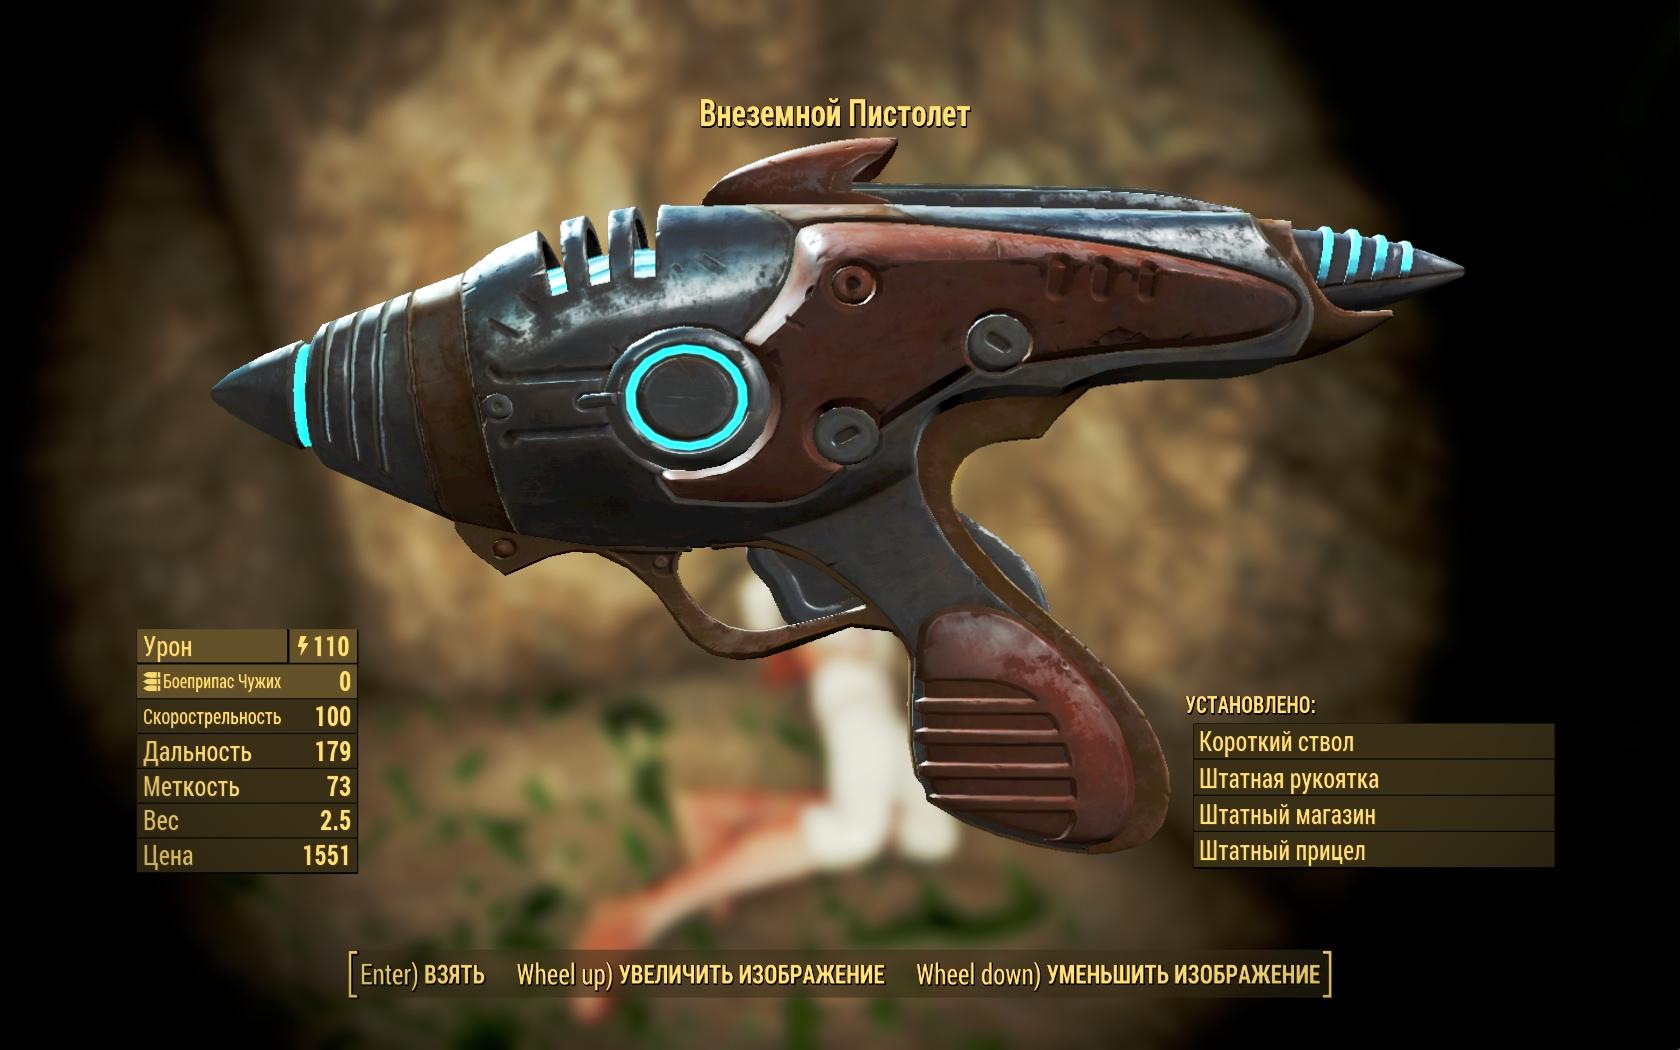 Внеземной пистолет (Пещера с Чужим юго-восточнее Станции Оберленд) - Fallout 4 Внеземной пистолет, Дзетанец, Оберленд, Оружие, Пещера, Чужой